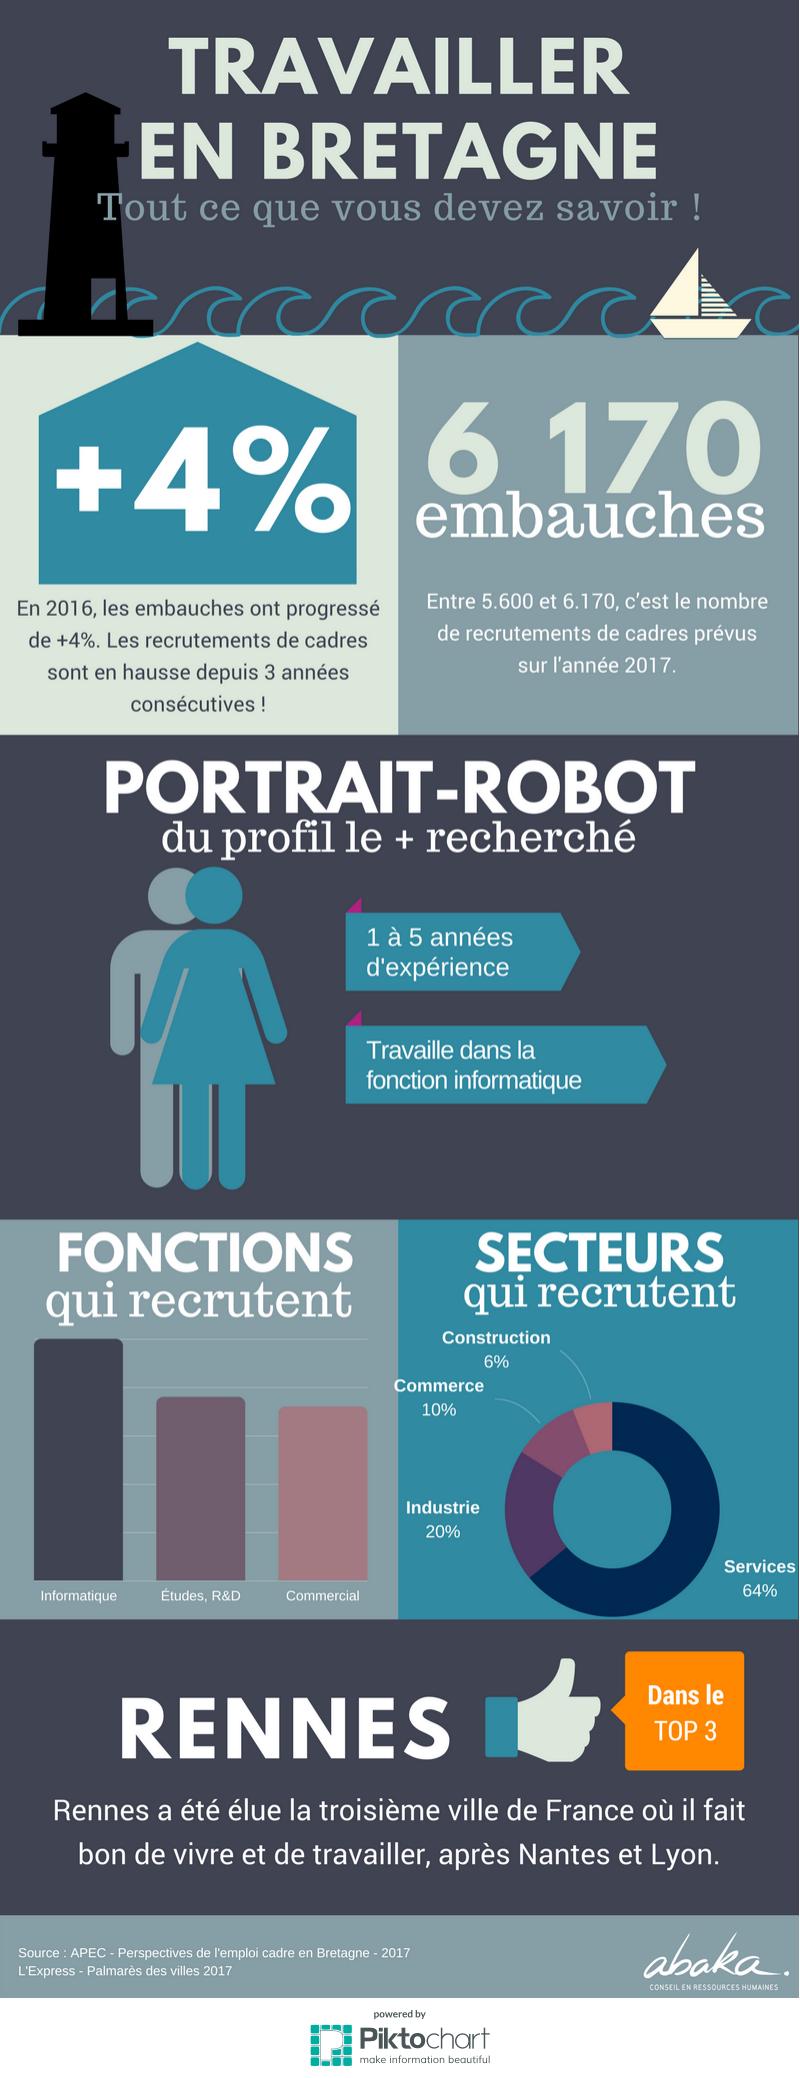 Travailler-bretagne-chiffres-emploi-2017-recrutement